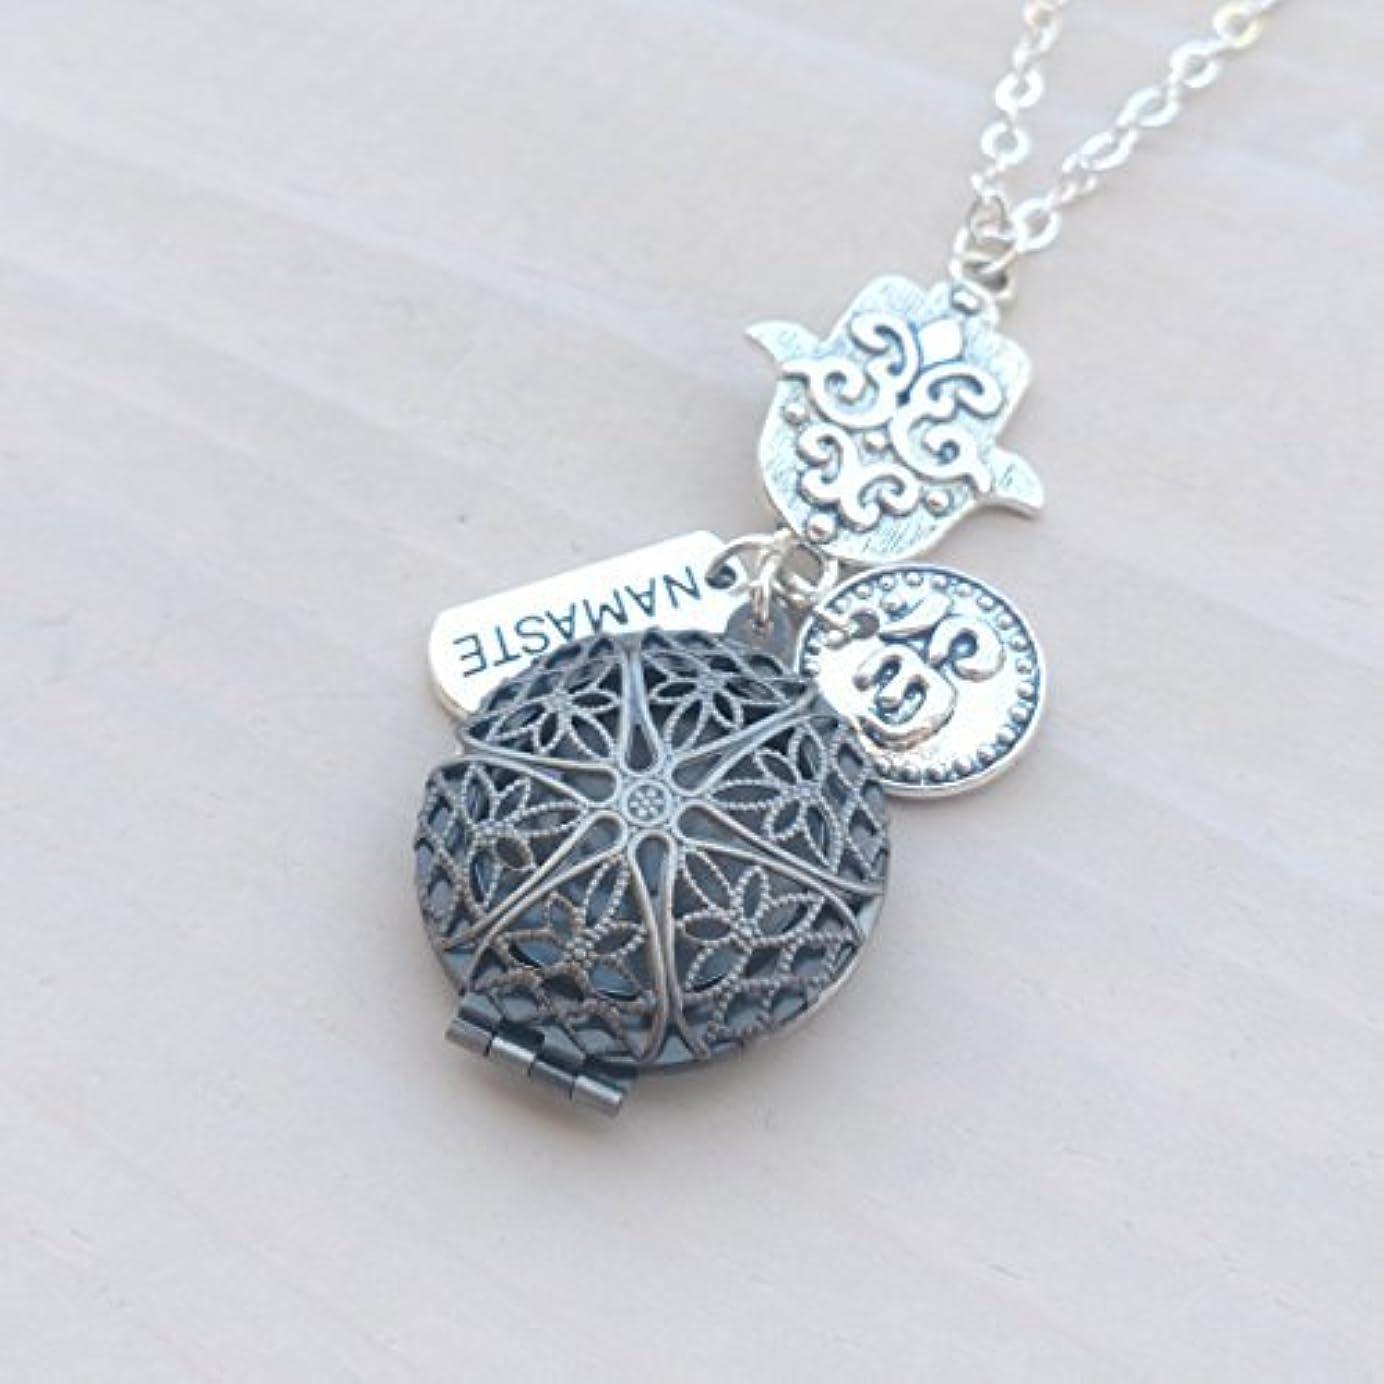 適度な七面鳥活気づけるHamsa Namaste and Om Silver-tone Charms Aromatherapy Necklace Essential Oil Diffuser Locket Pendant Jewelry w/...